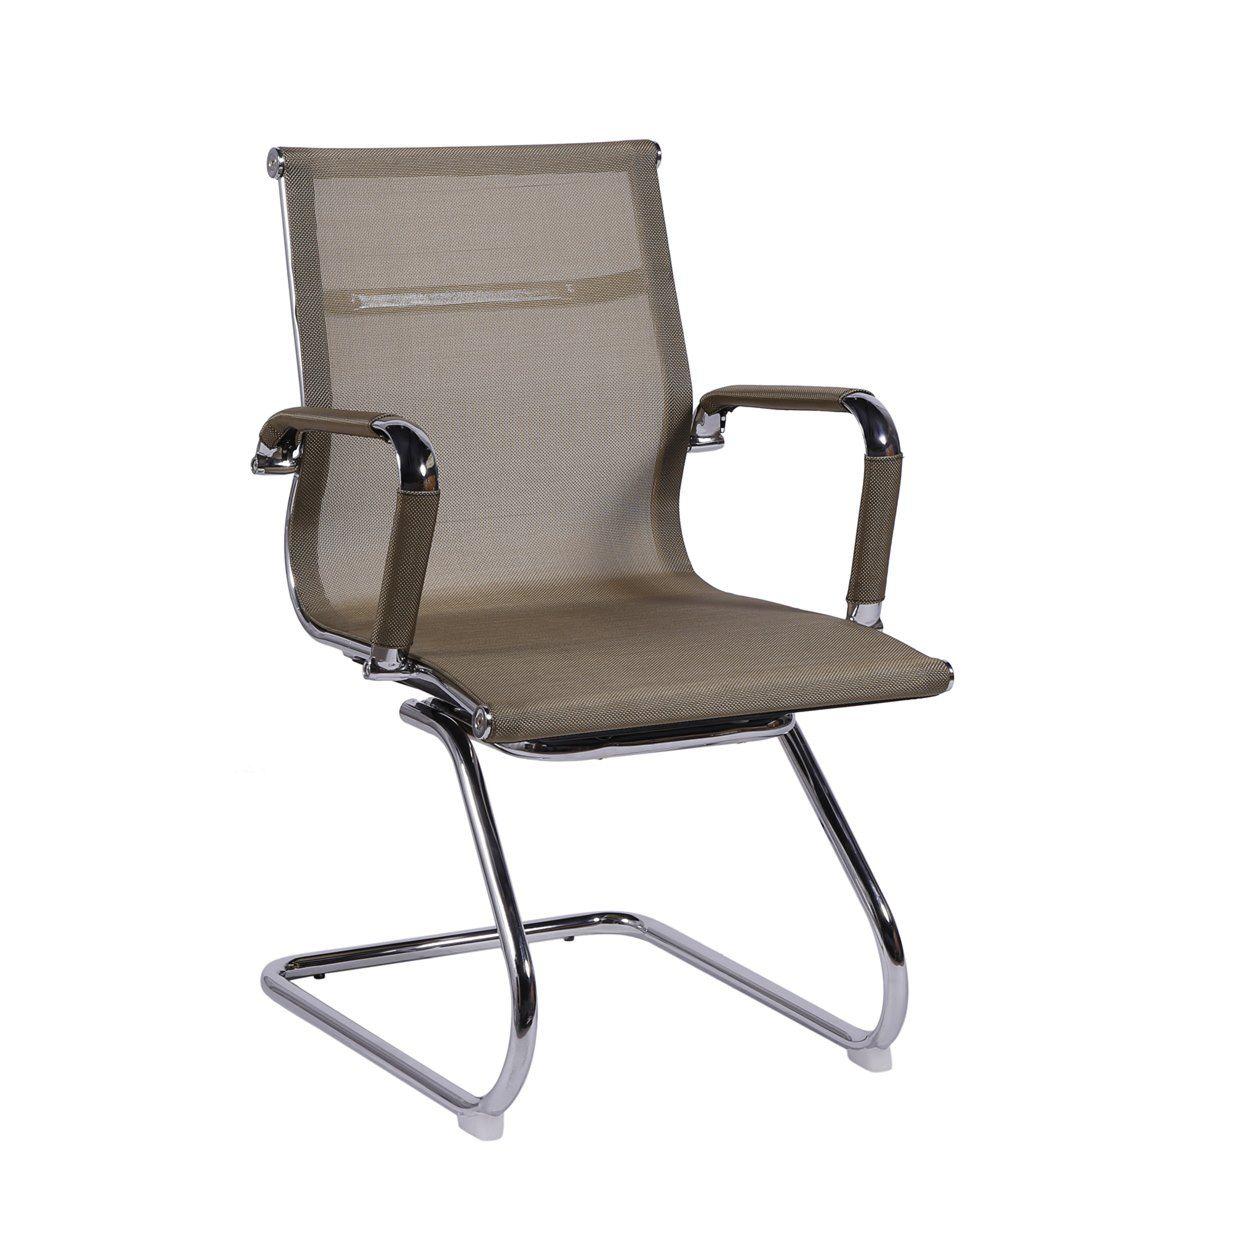 Cadeira Charles Eames Office Esteirinha Tela Mesh Fixa Interlocutor